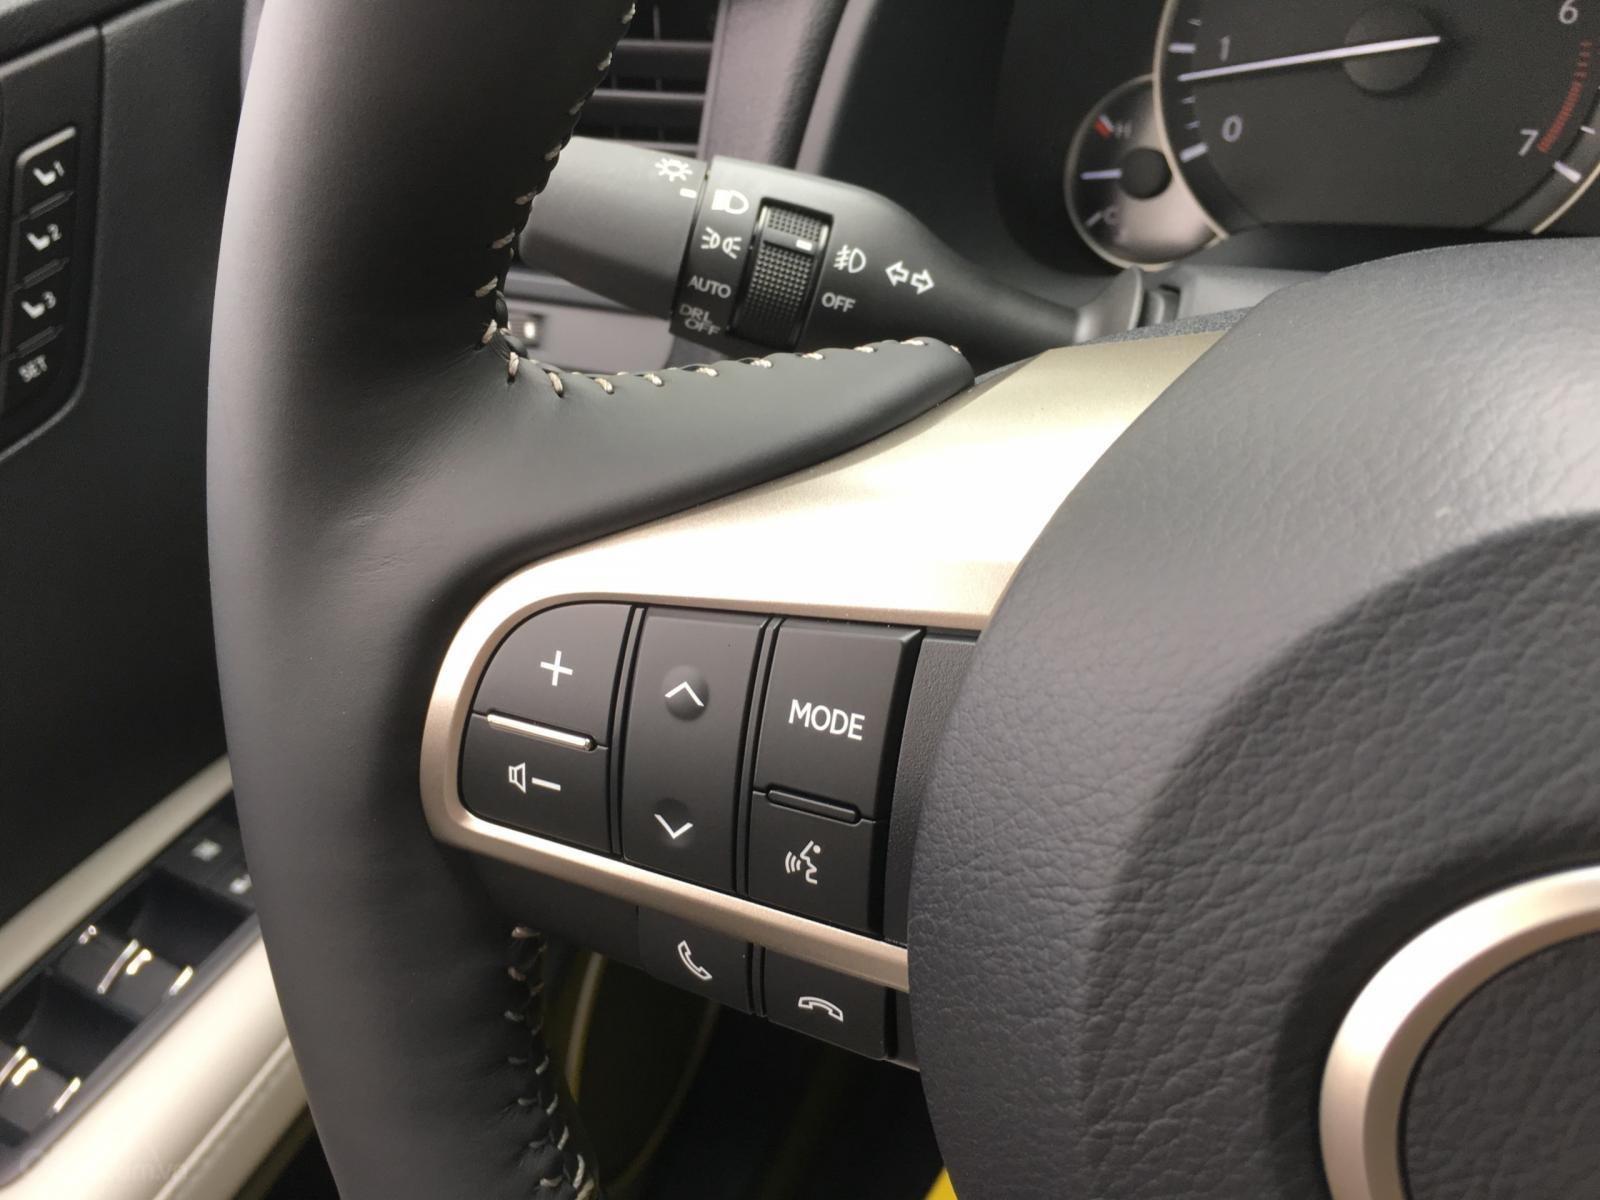 Bán Lexus RX 350L sản xuất 2019, nhập Mỹ, giá tốt, giao ngay toàn quốc. LH: 093.996.2368 Ms Ngọc Vy (24)